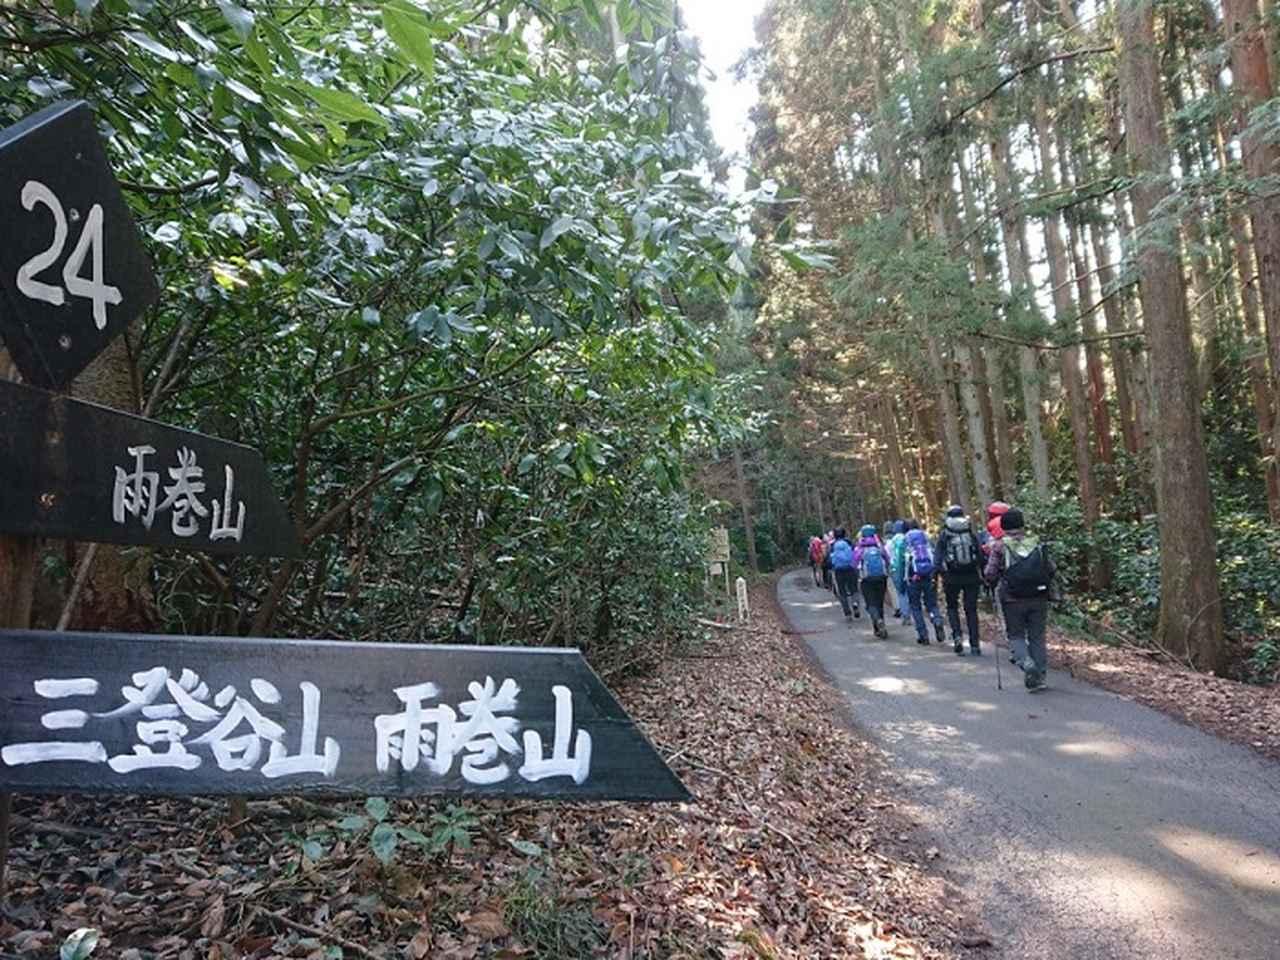 画像3: 3月2日に佐藤優ガイドの「ごちそう山」シリーズで、 雨巻山 へピザを食べに行って来ました♪